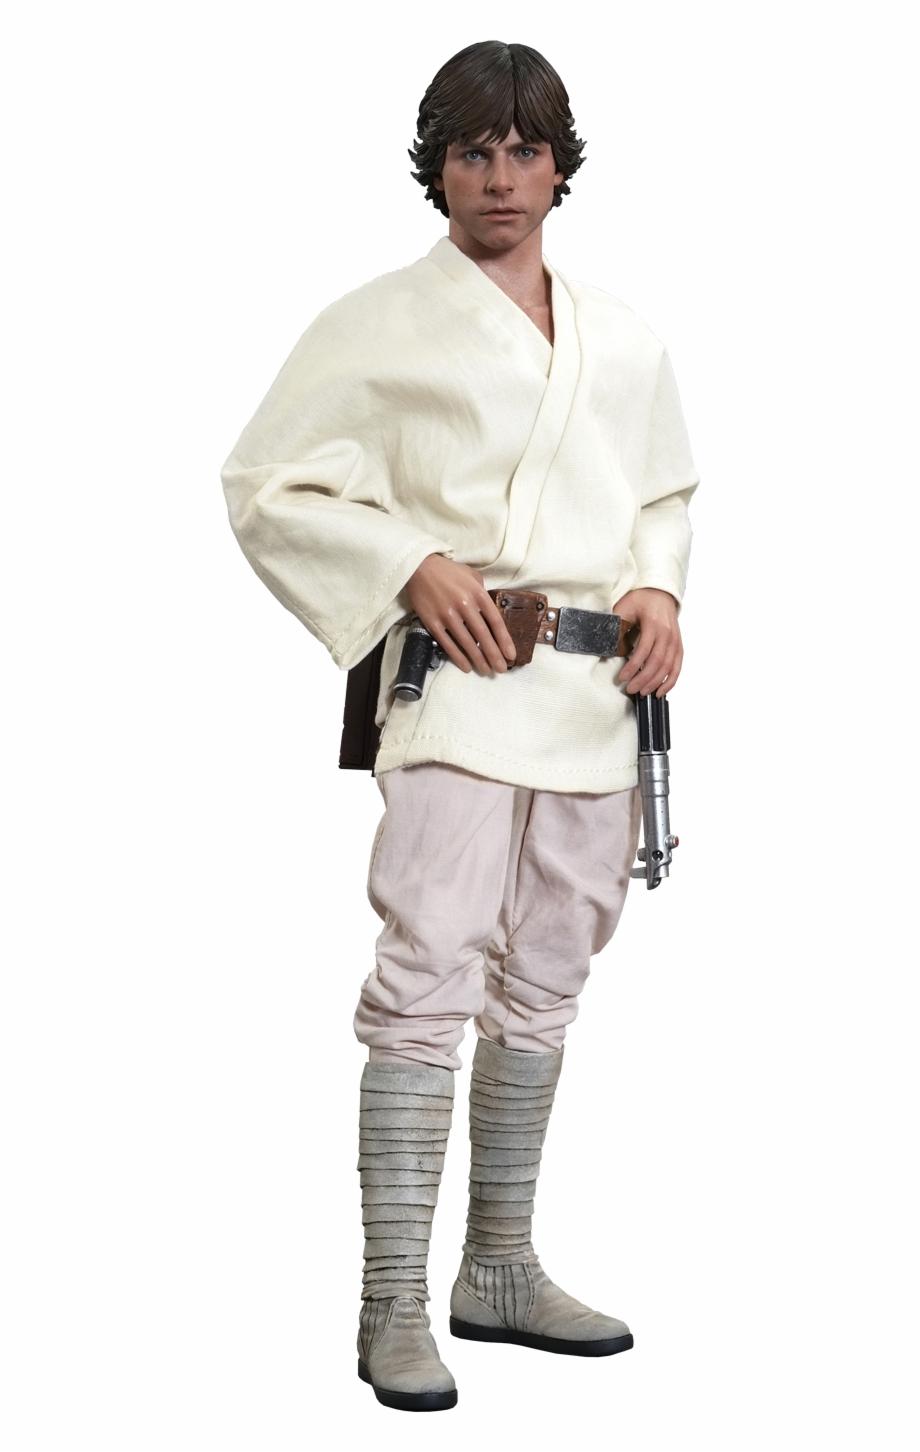 Download Luke Skywalker Png Image.